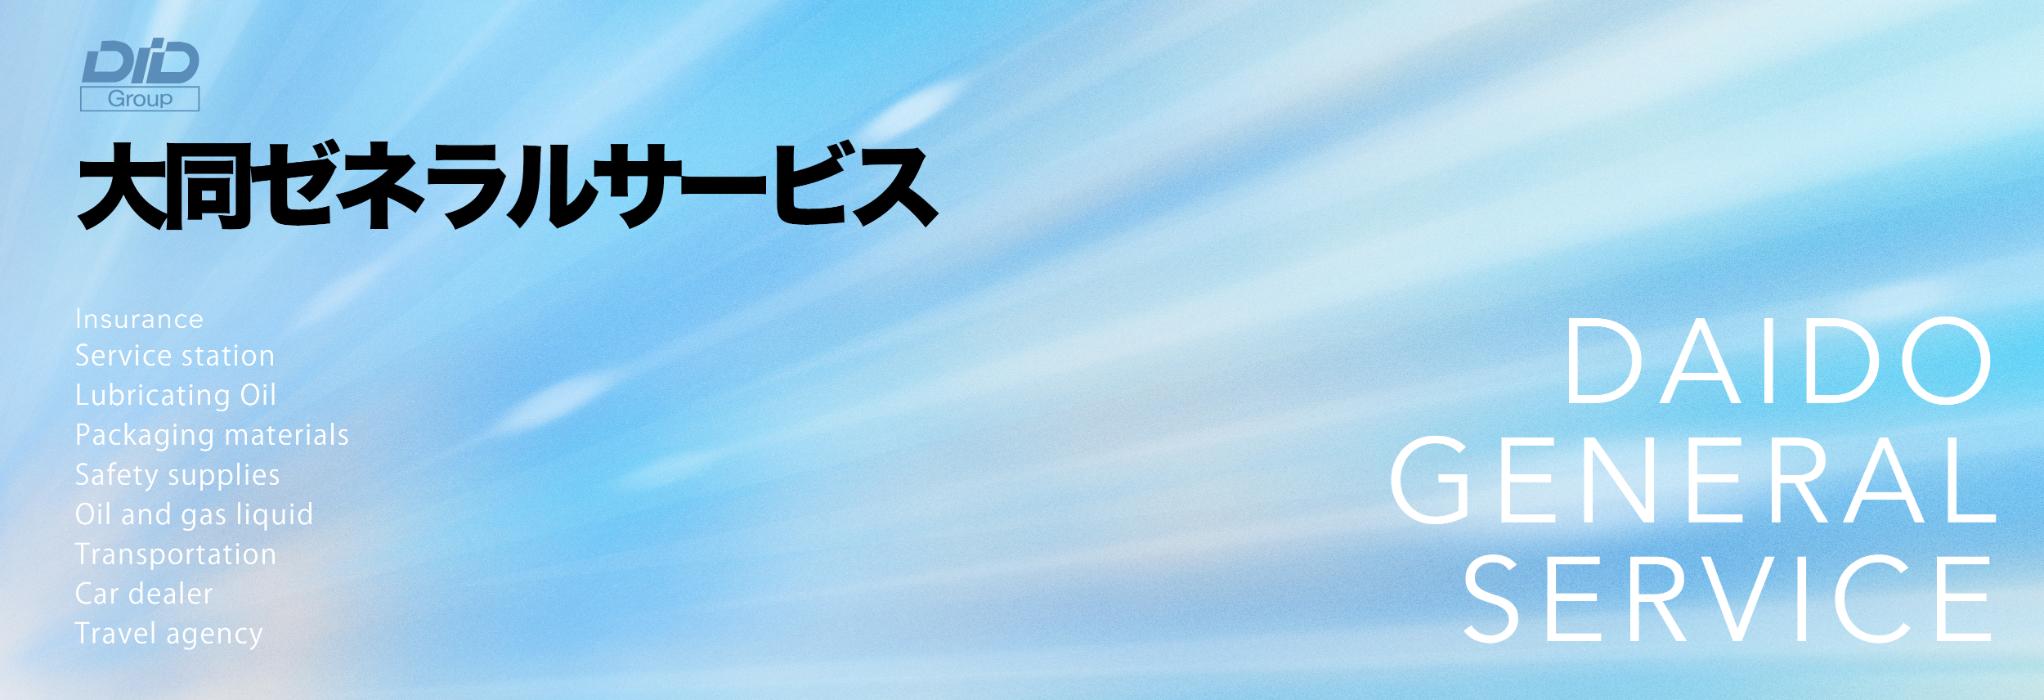 大同ゼネラルサービス_TOP画像